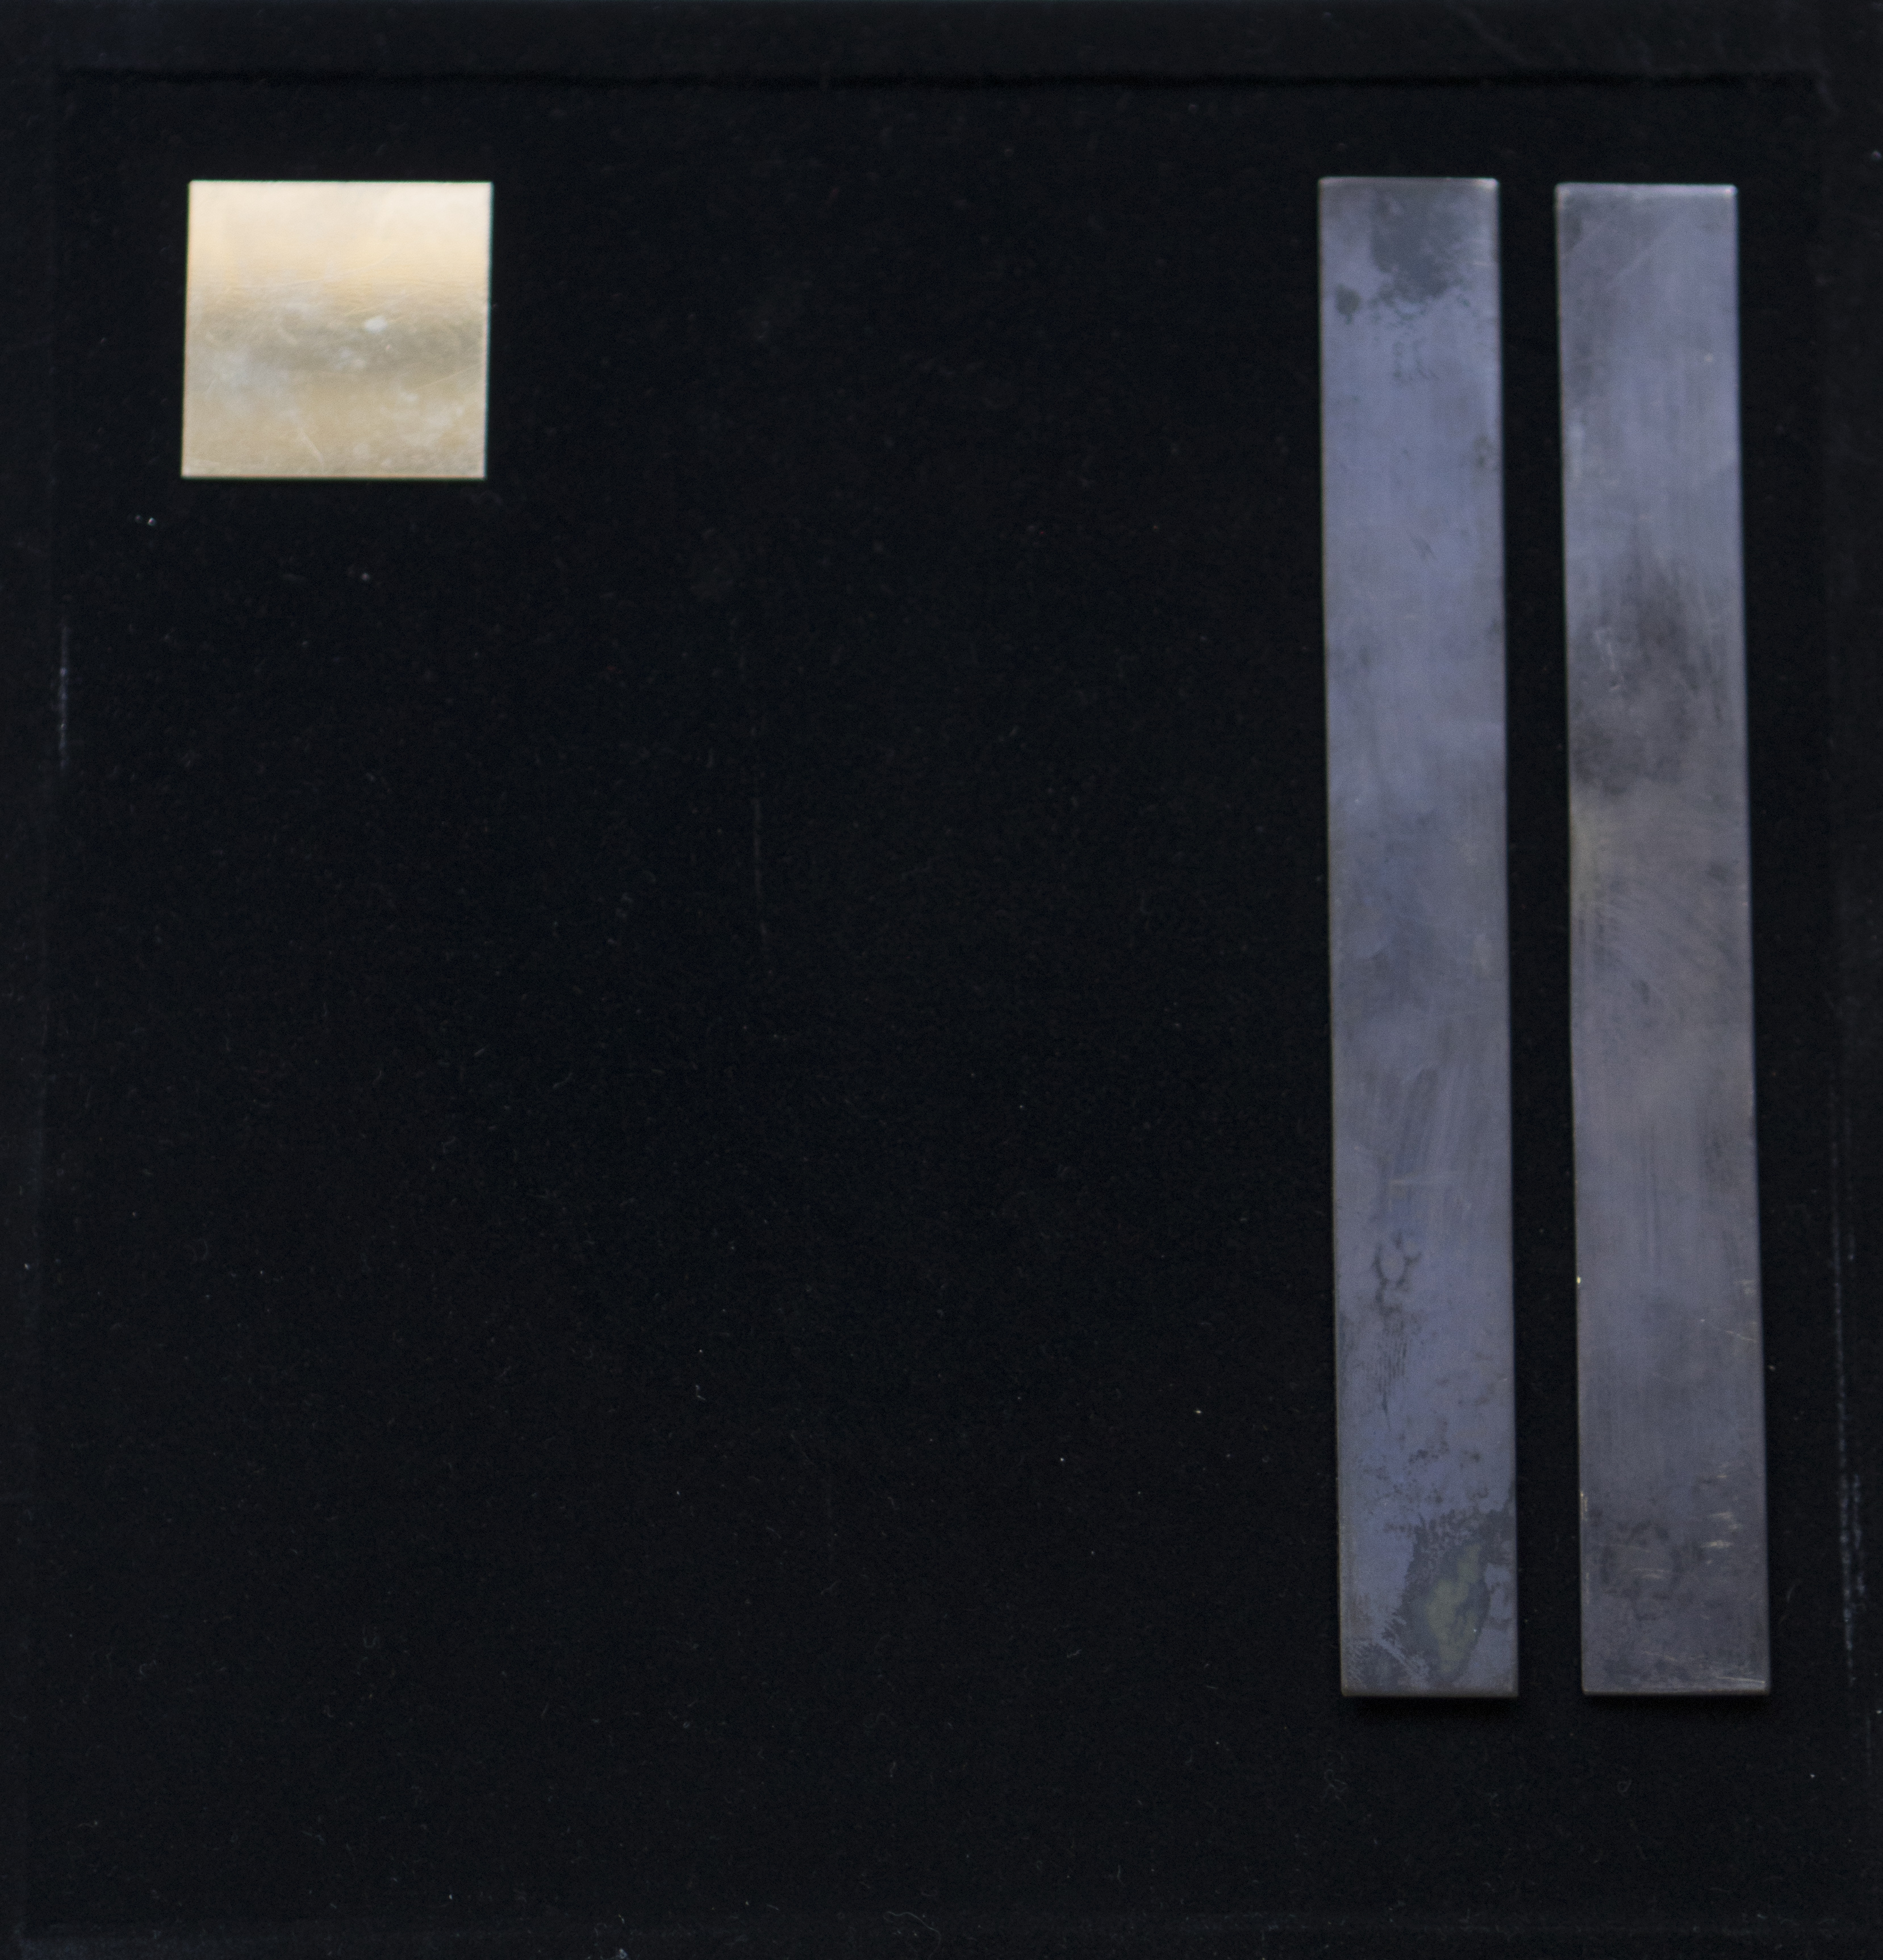 GaKO art. Gabriela Mutti. Pinturas em metal, composição 2. Colagem em metais diversos. 27x27 cm. 2018